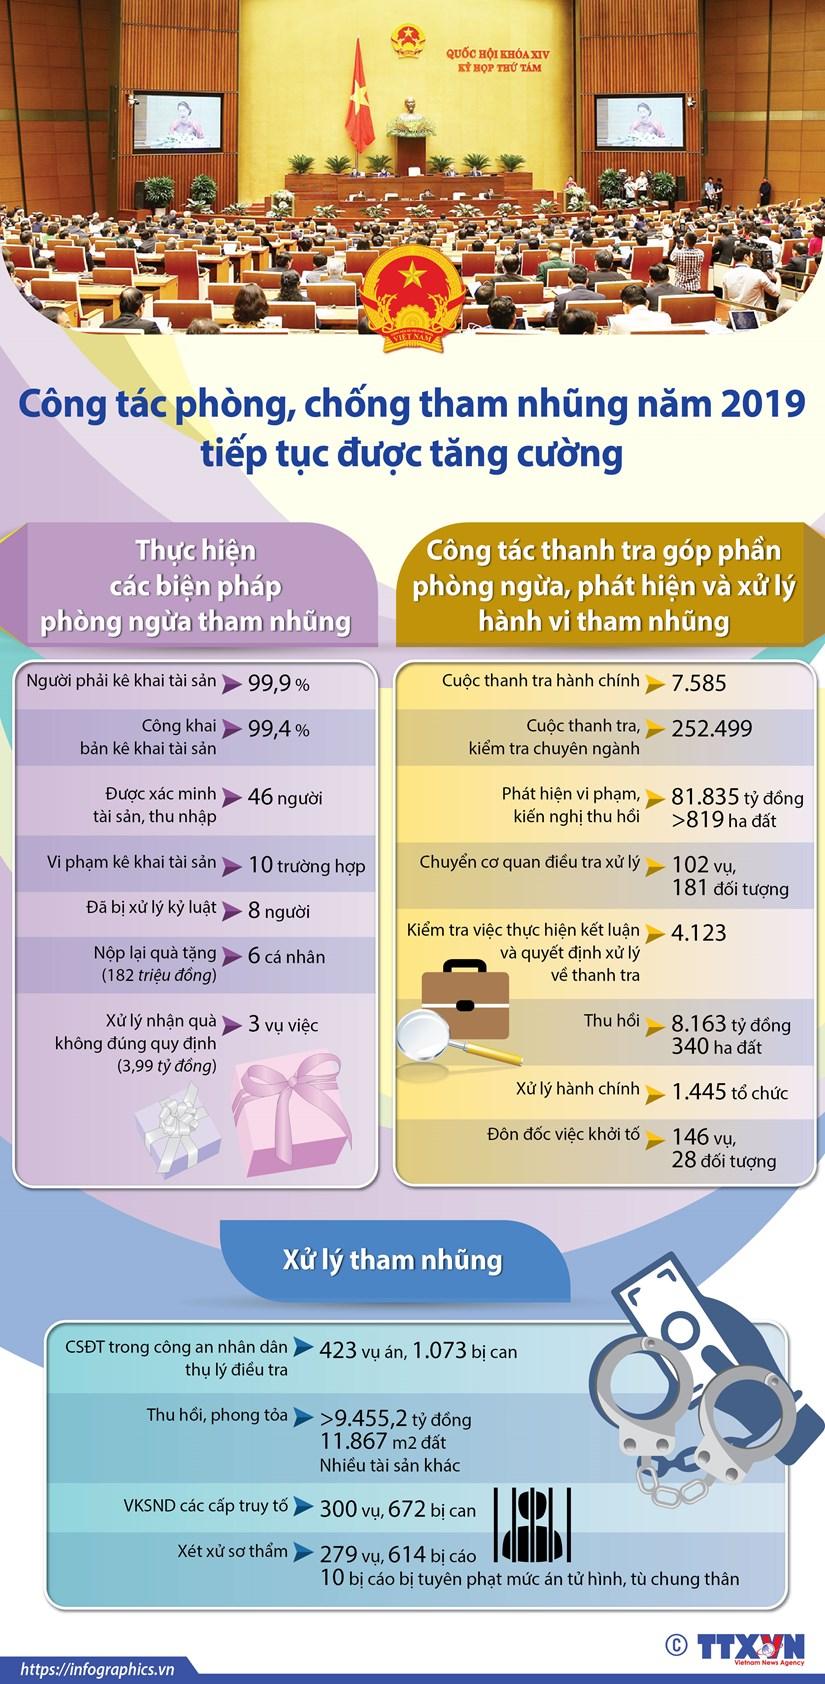 Cong tac phong, chong tham nhung nam 2019 tiep tuc duoc tang cuong hinh anh 1